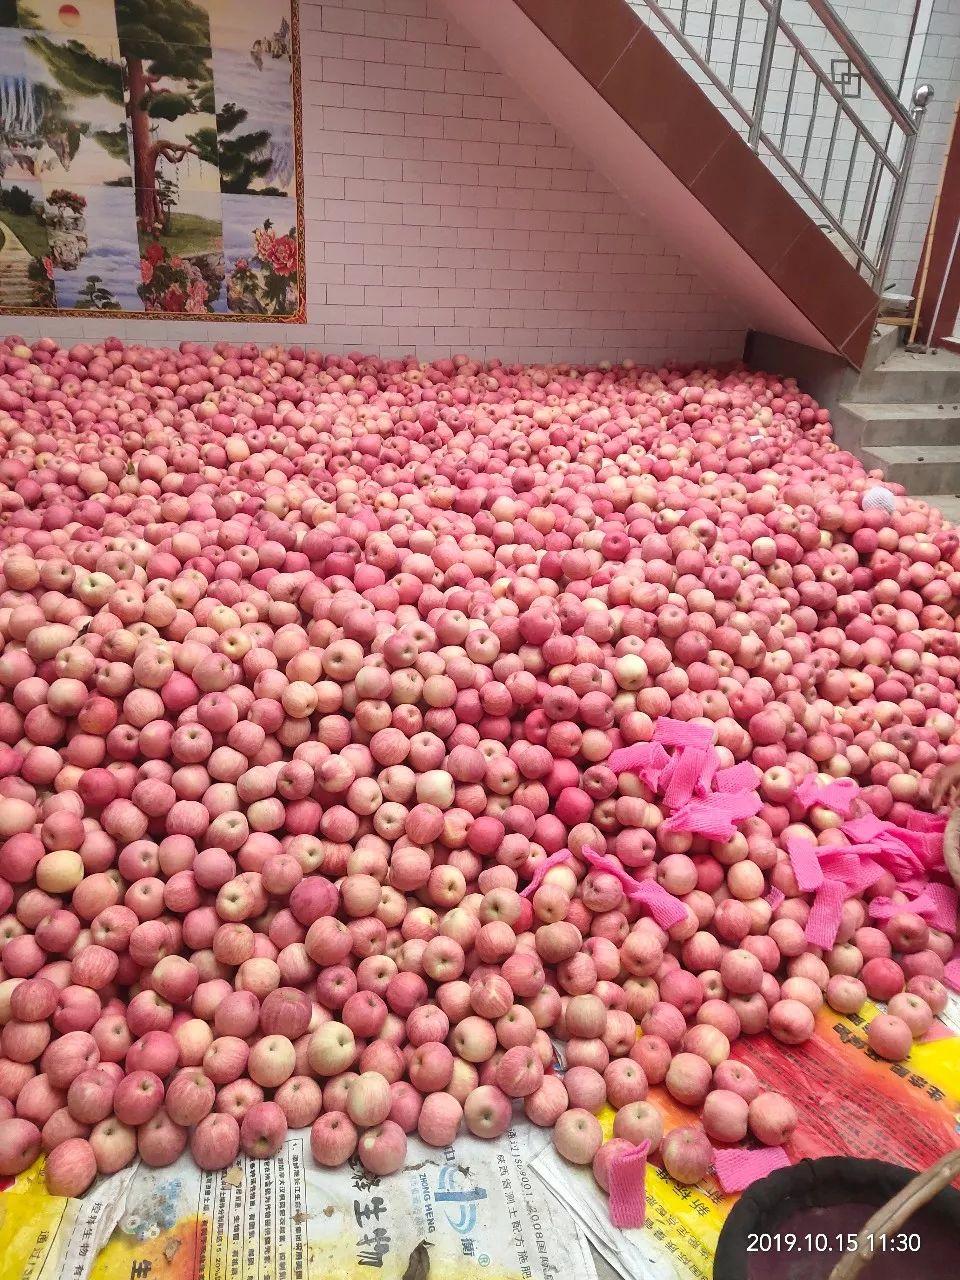 """愁啊!万斤""""红富士苹果""""无人收,4元/斤!果农:卖不掉今年就白干了…插图28"""